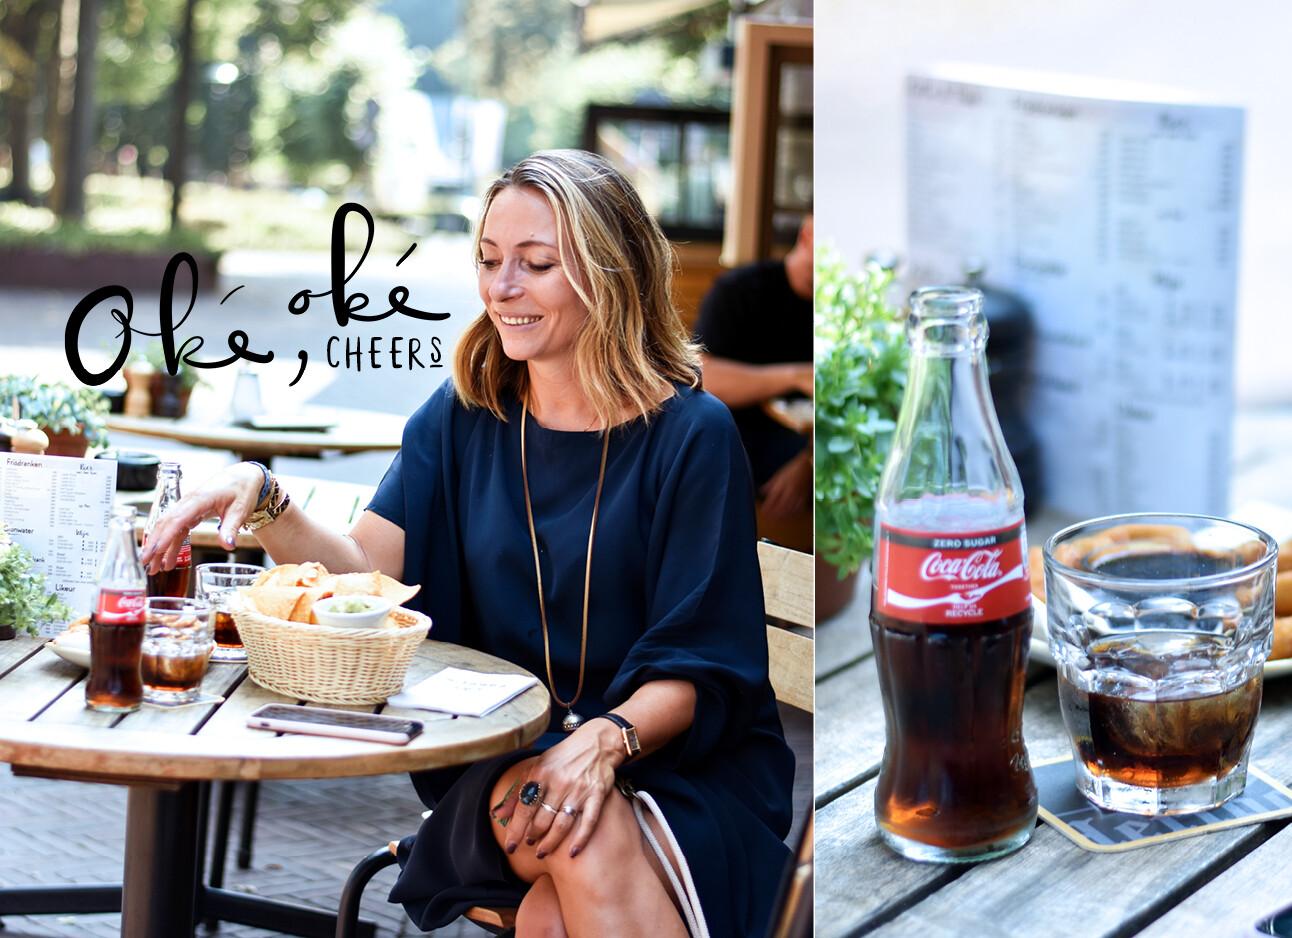 may drinkt cola op een terras